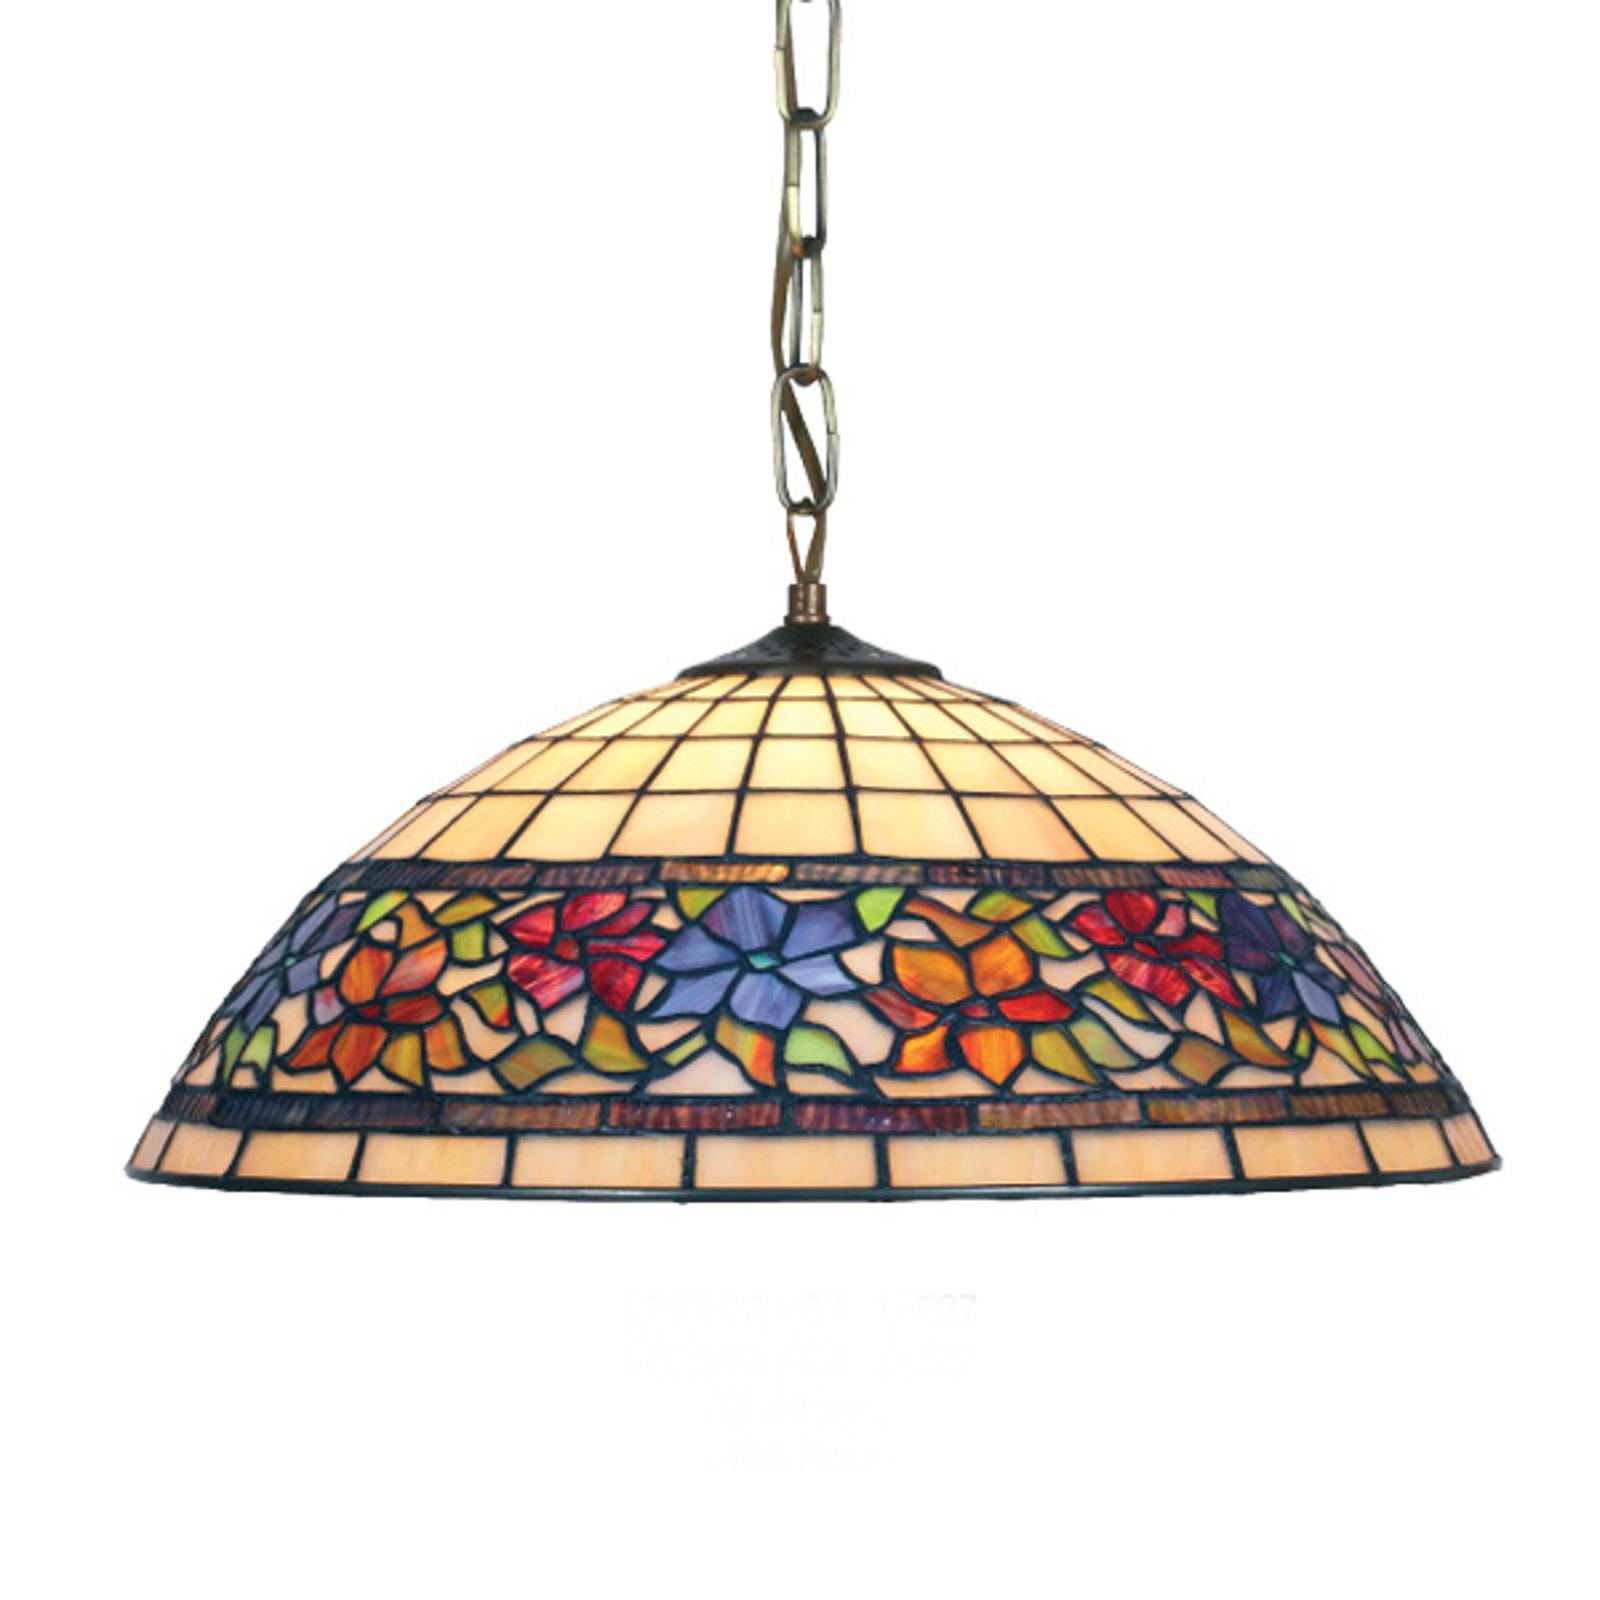 Lampa wisząca Flora styl Tiffany dół otwarty 2xE27